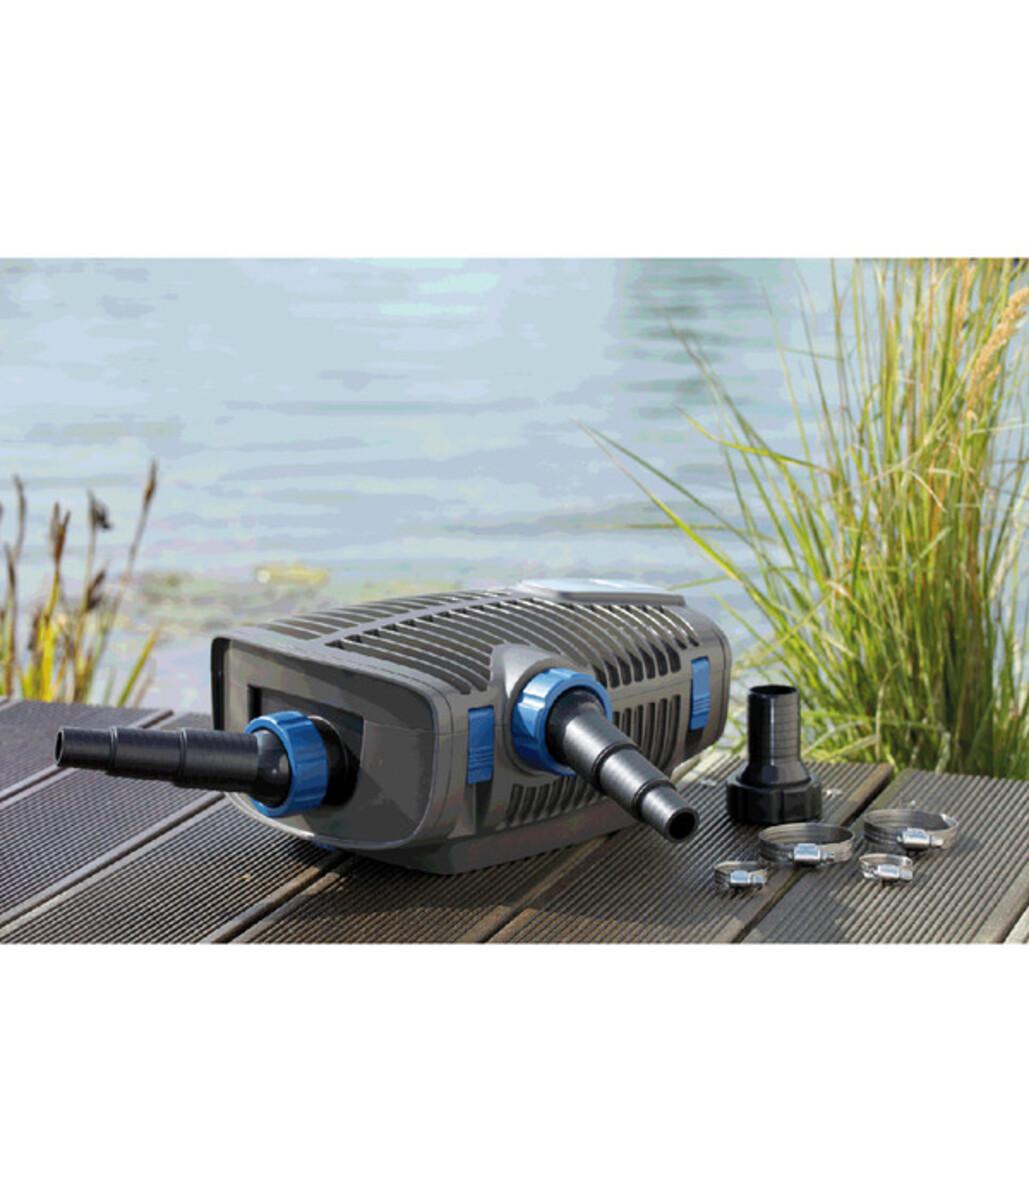 Bild 2 von OASE Teichpumpe AquaMax Eco Premium 6000